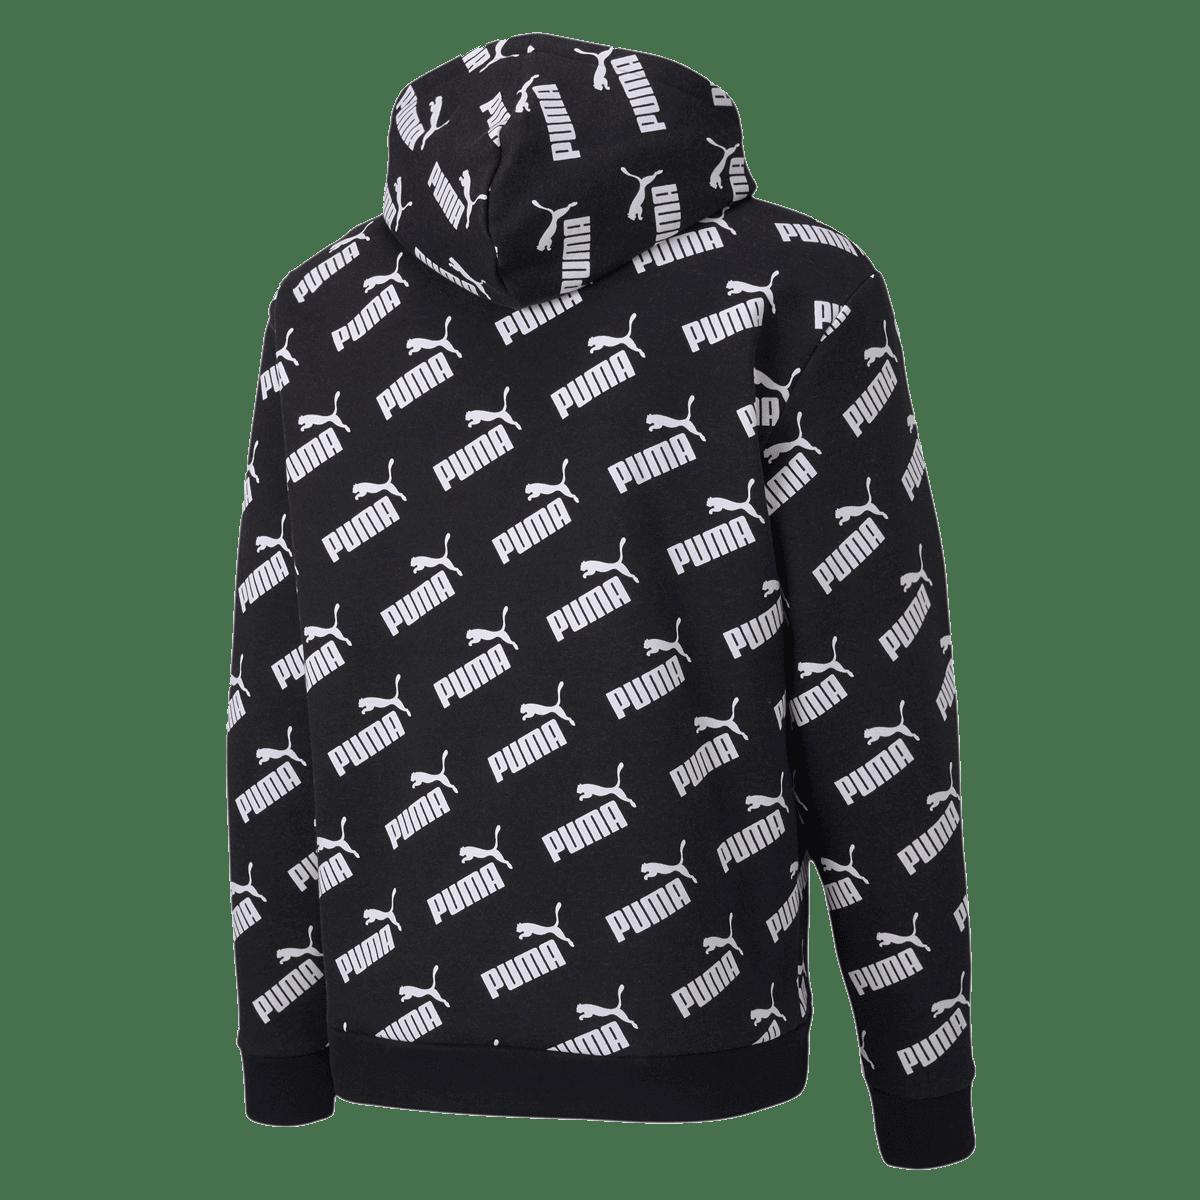 puma kapuzenpullover schwarz weiss